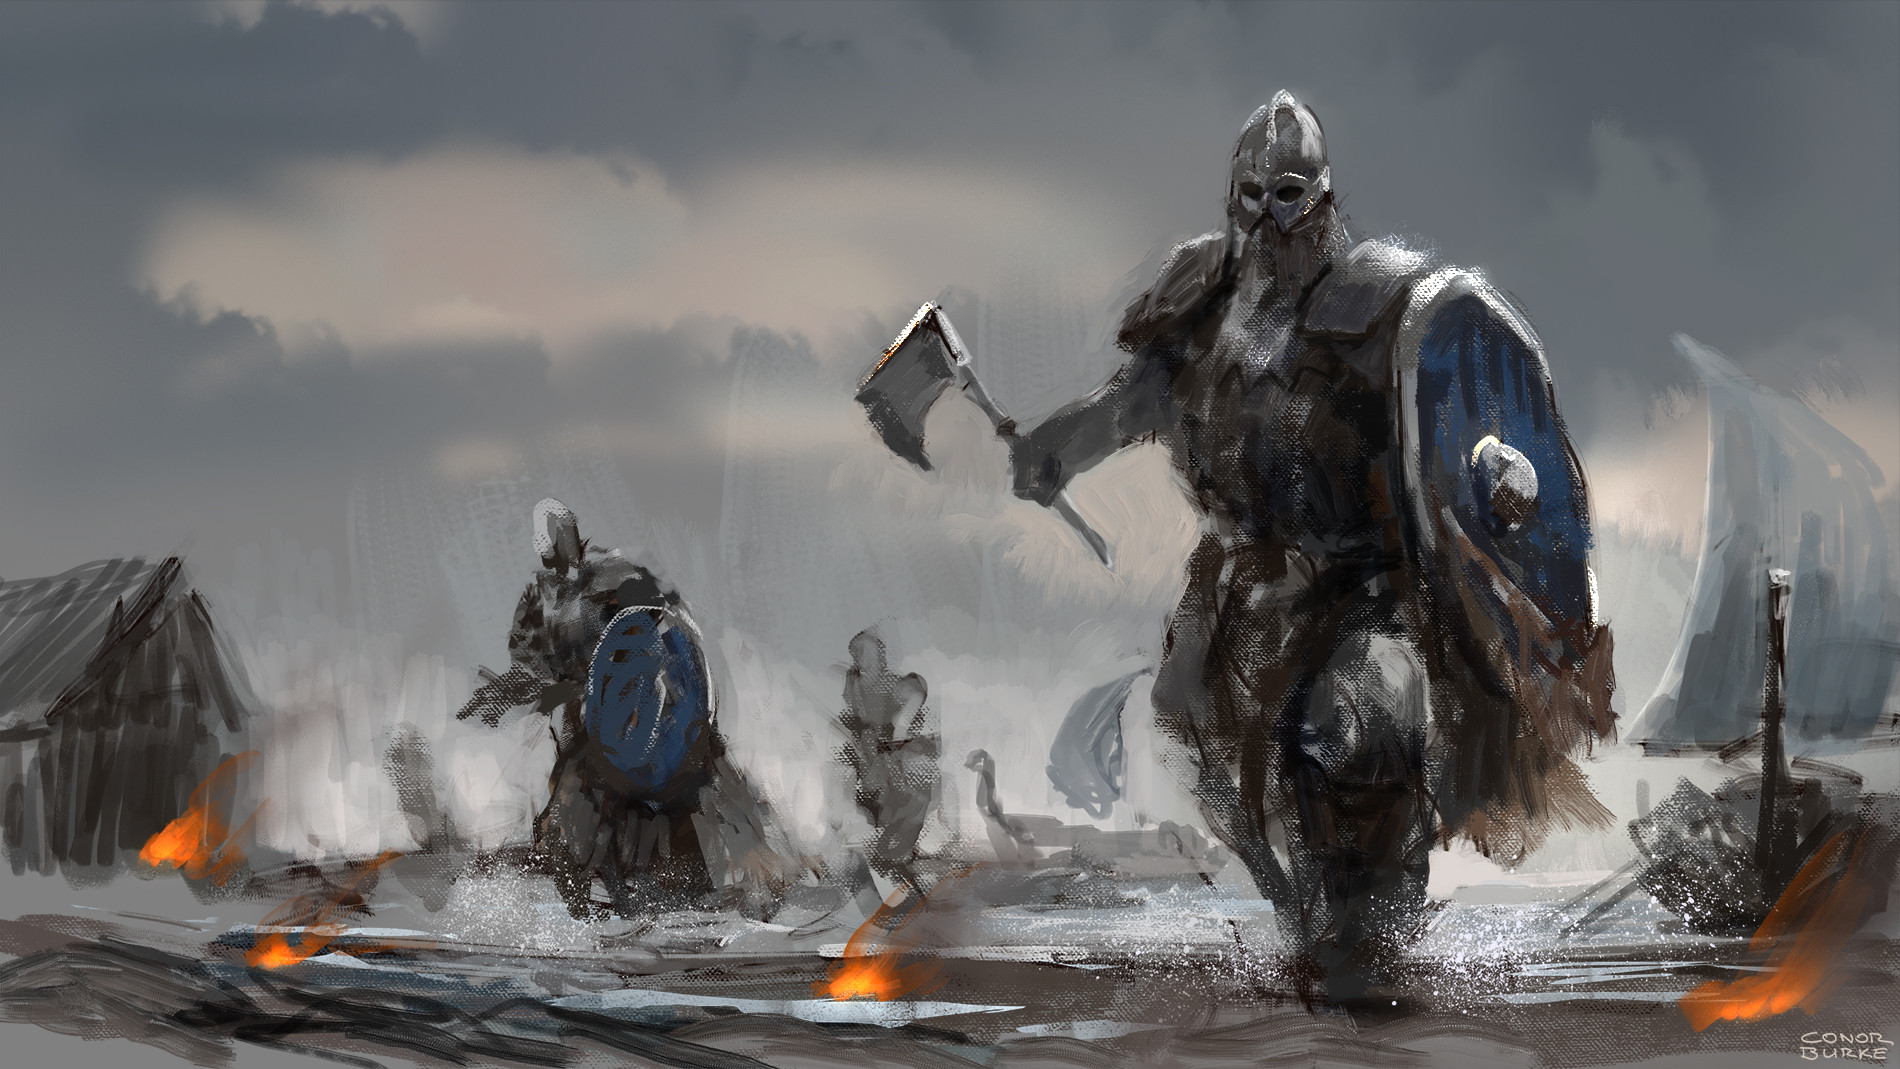 Conor burke raid